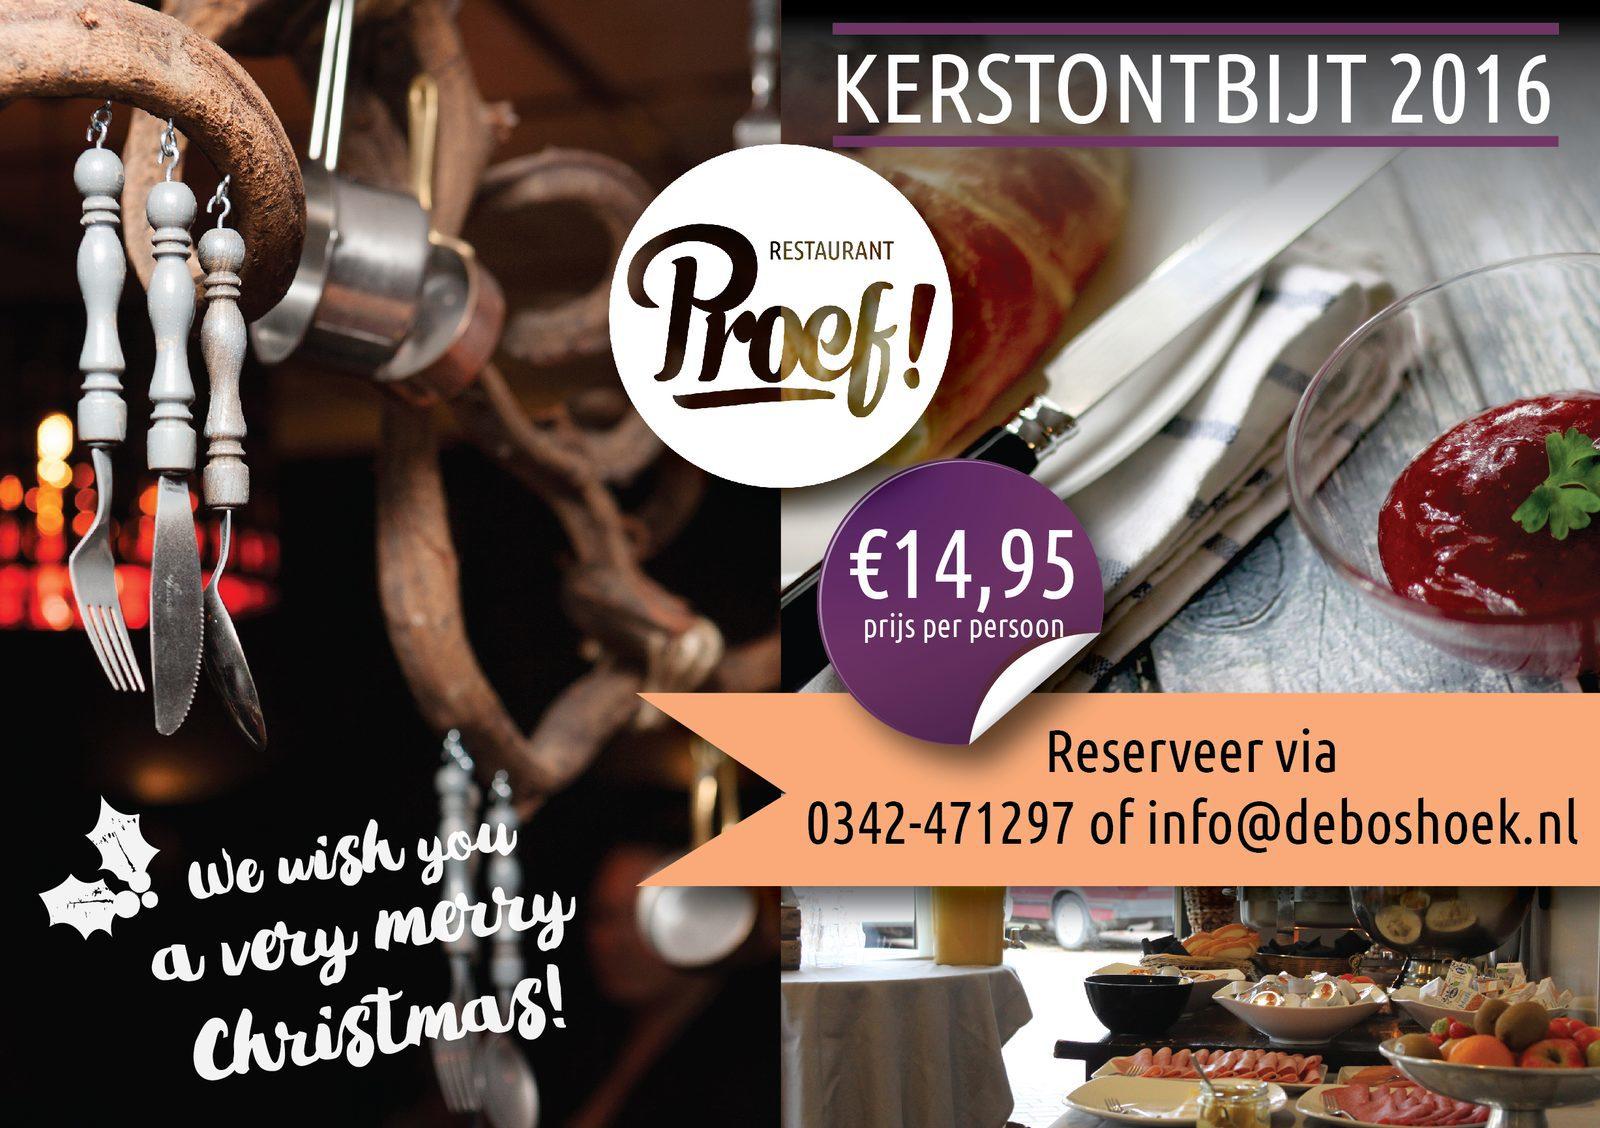 Kerstontbijt in Voorthuizen bij Proef!